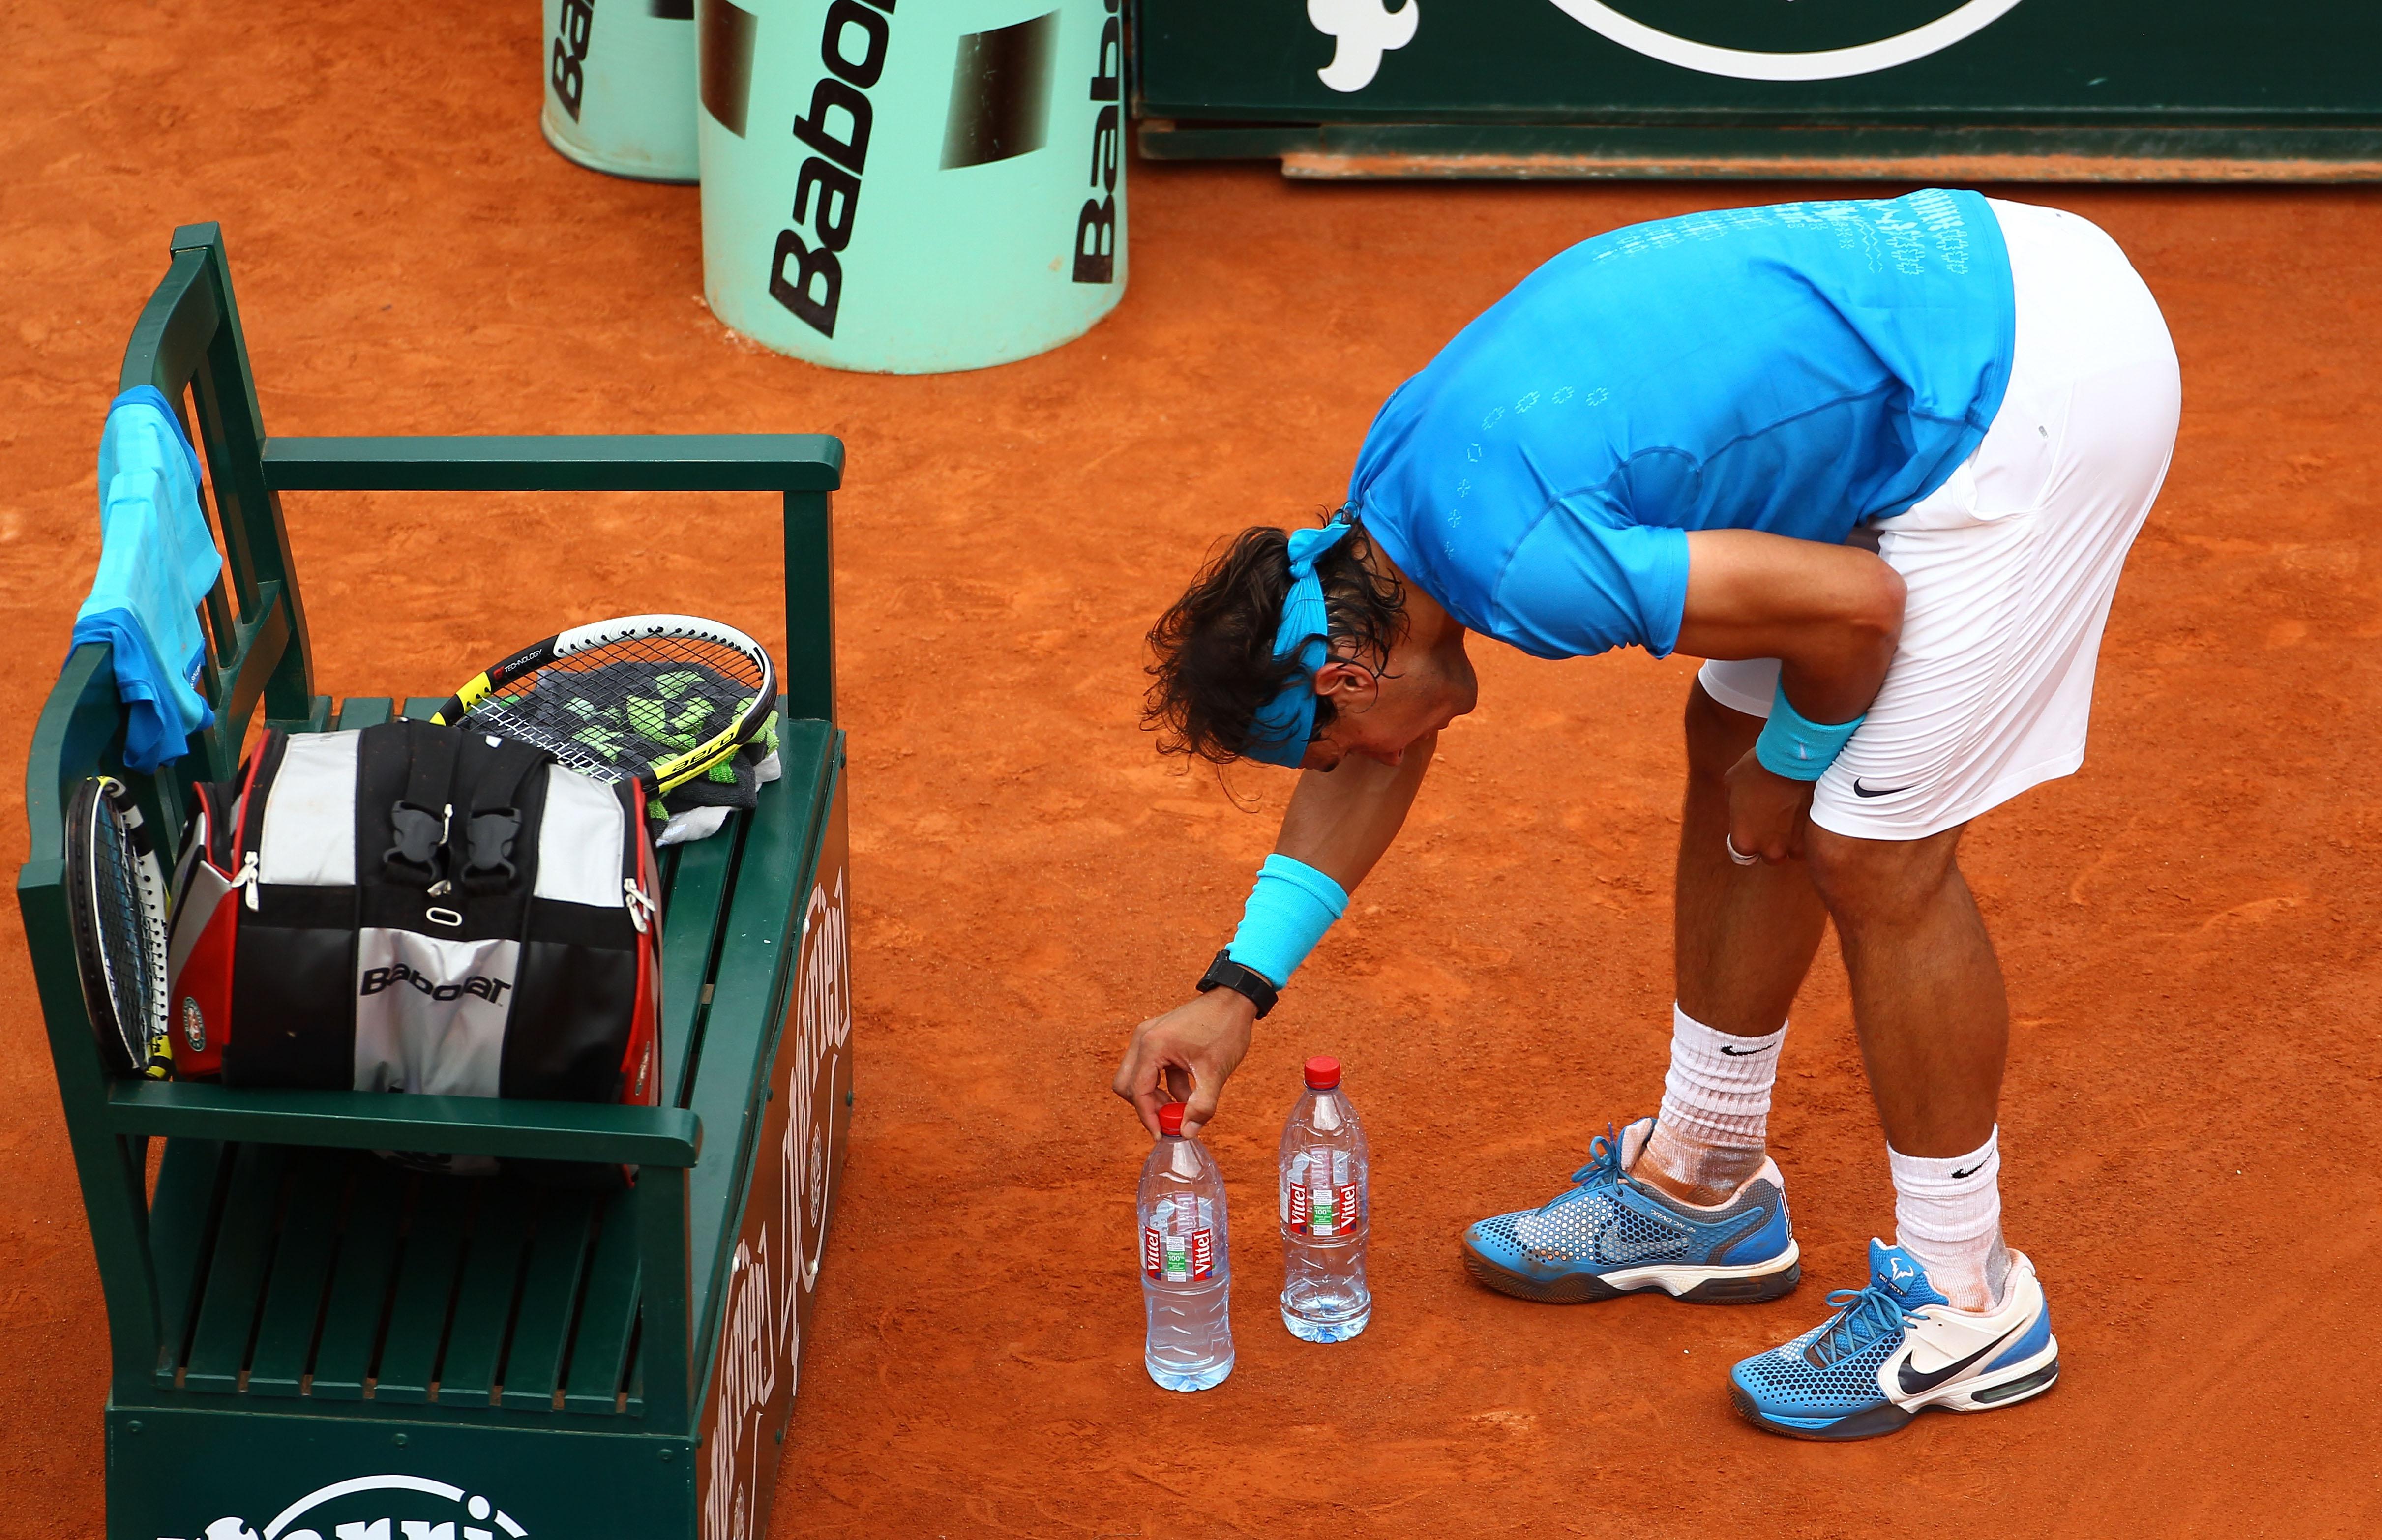 Защо Рафа си дърпа гащетата и реди бутилчици?